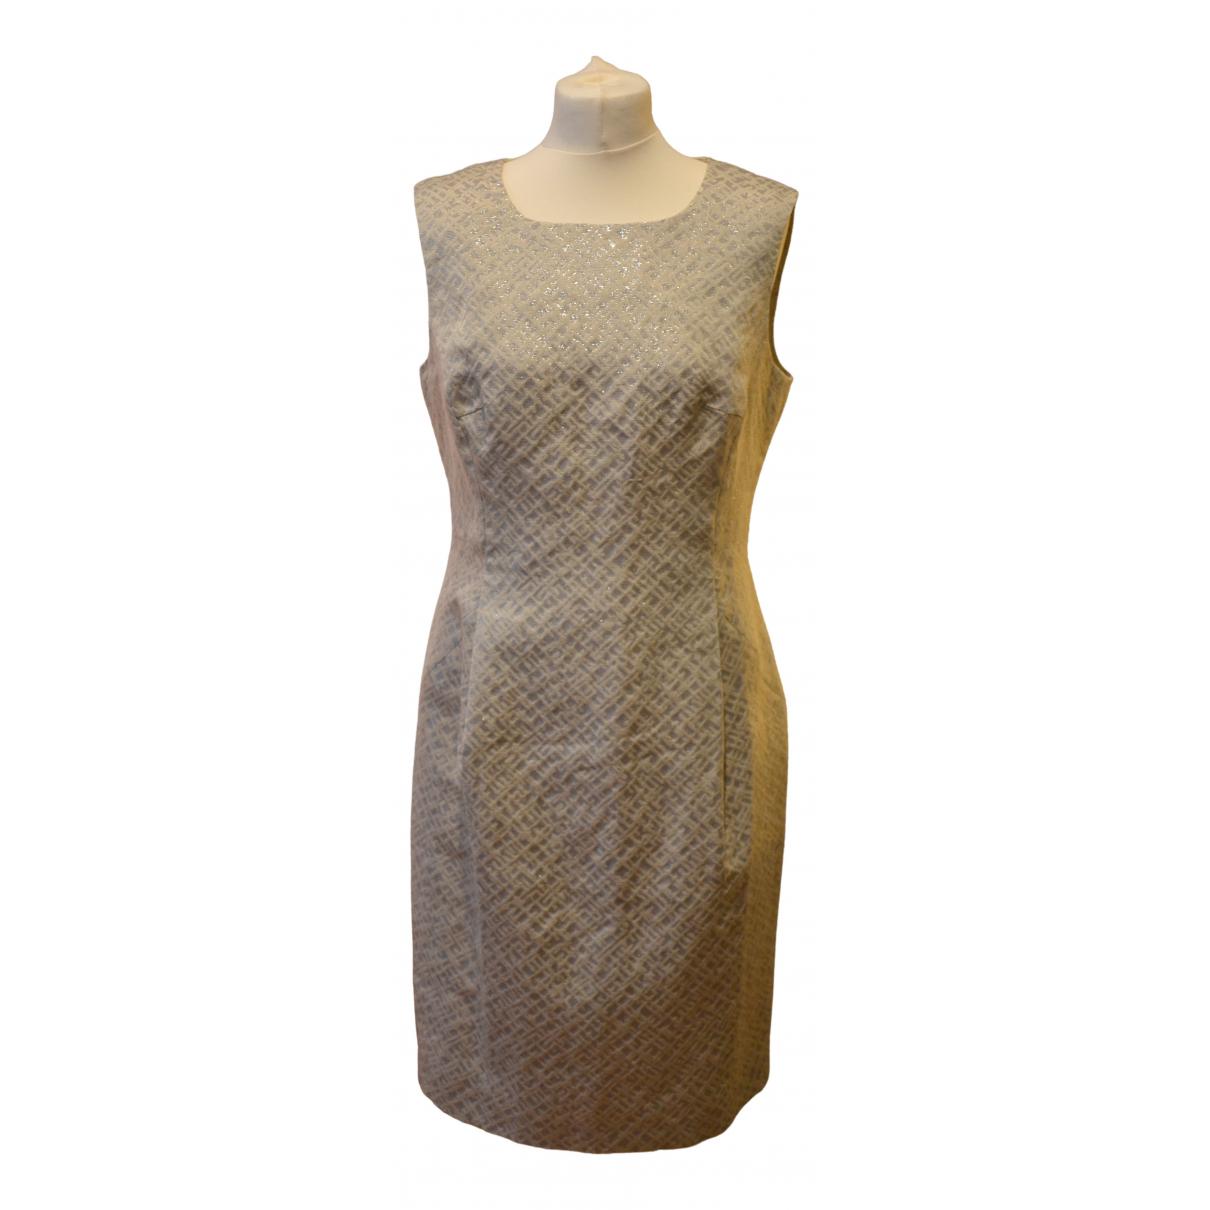 Cappellini N Beige Linen dress for Women 46 IT